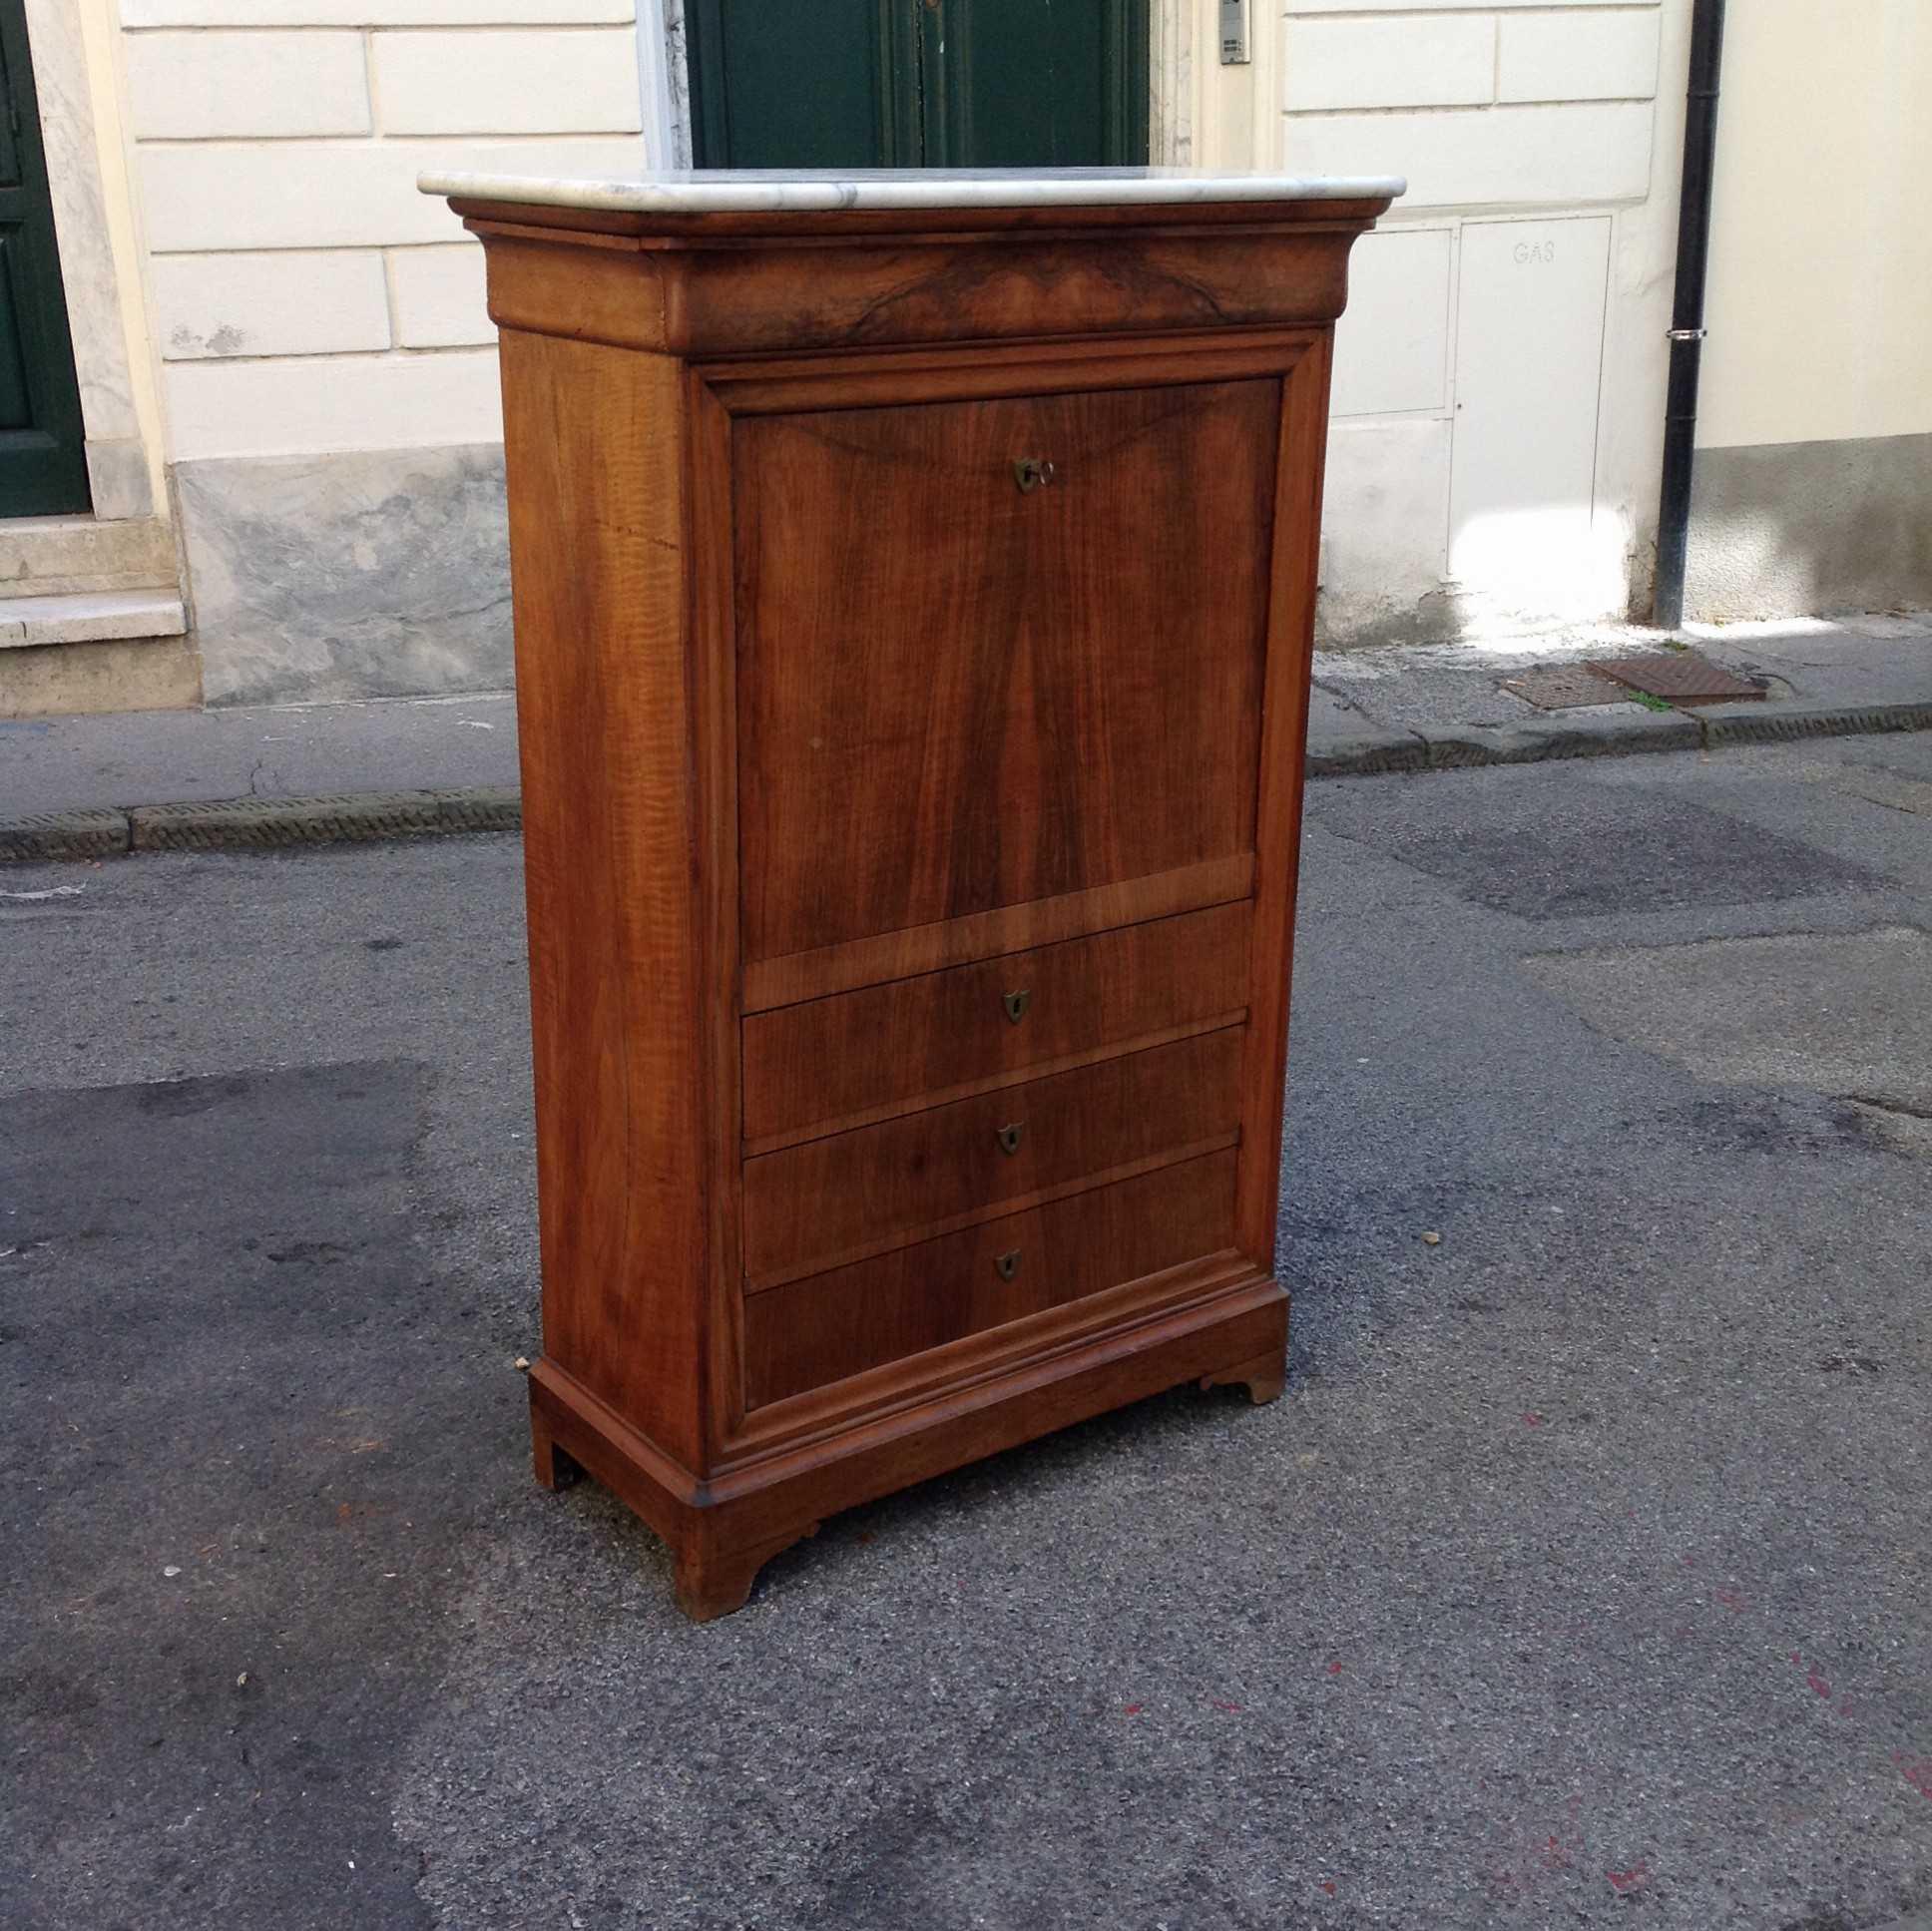 Secretaire cappuccino arredamento mobili antiquariato for Mobili antichi vendita